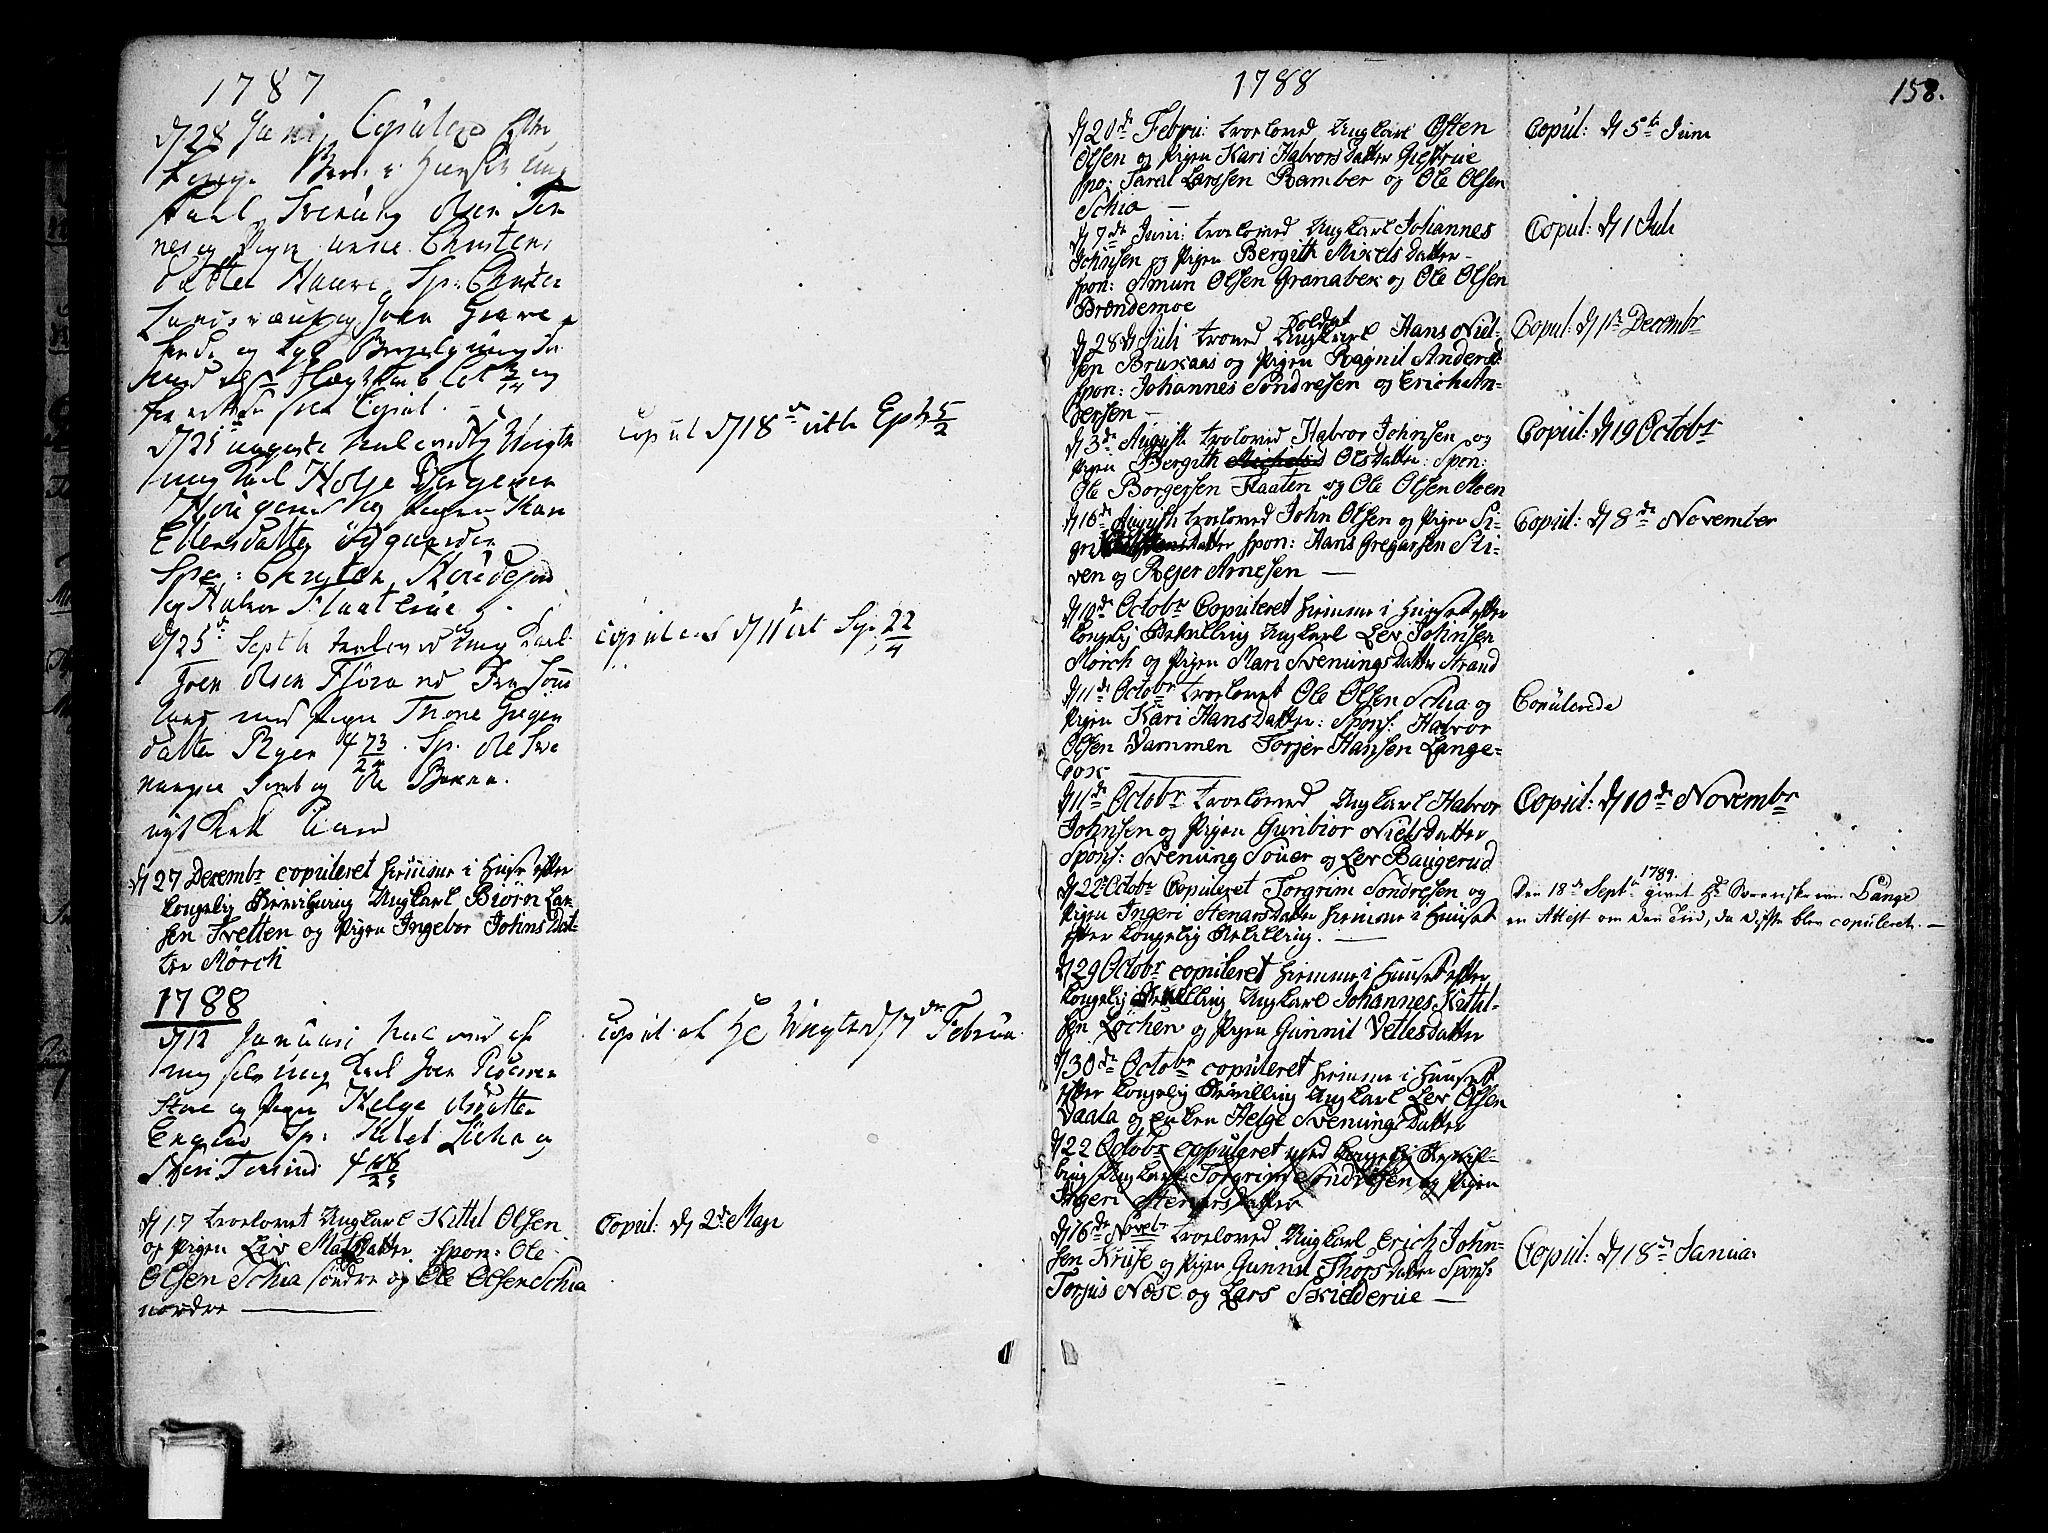 SAKO, Heddal kirkebøker, F/Fa/L0004: Ministerialbok nr. I 4, 1784-1814, s. 158